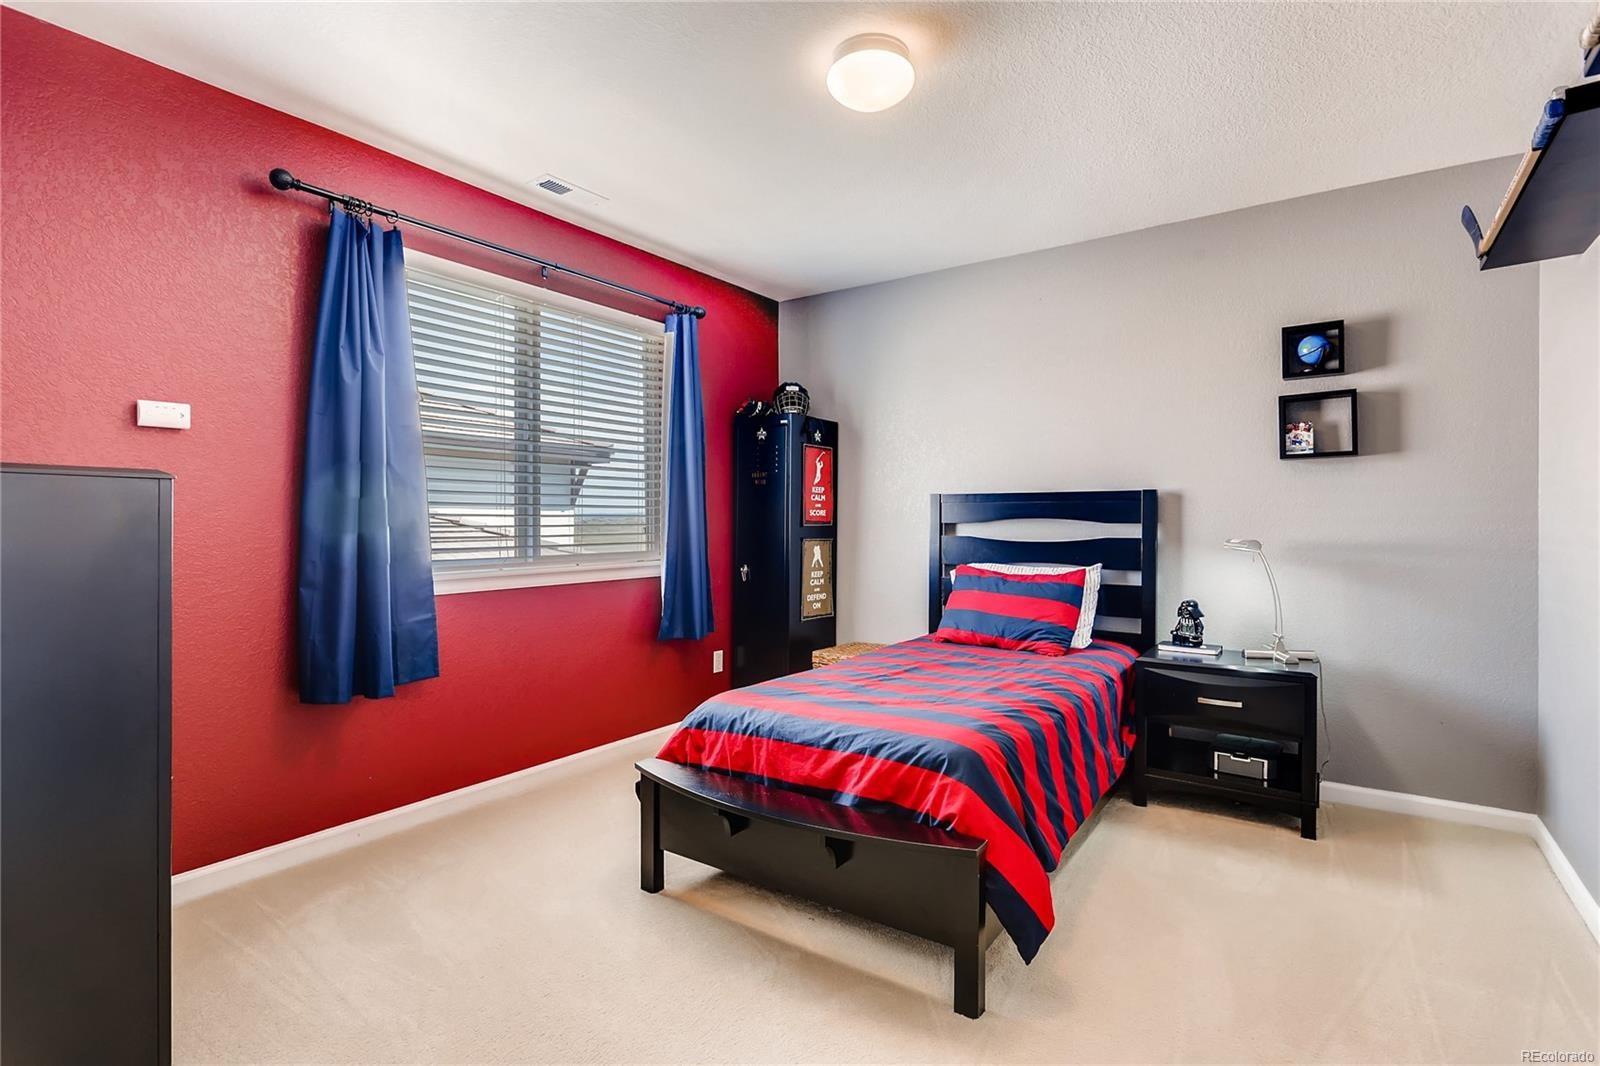 MLS# 4564456 - 1 - 10238  Nottingham Drive, Parker, CO 80134